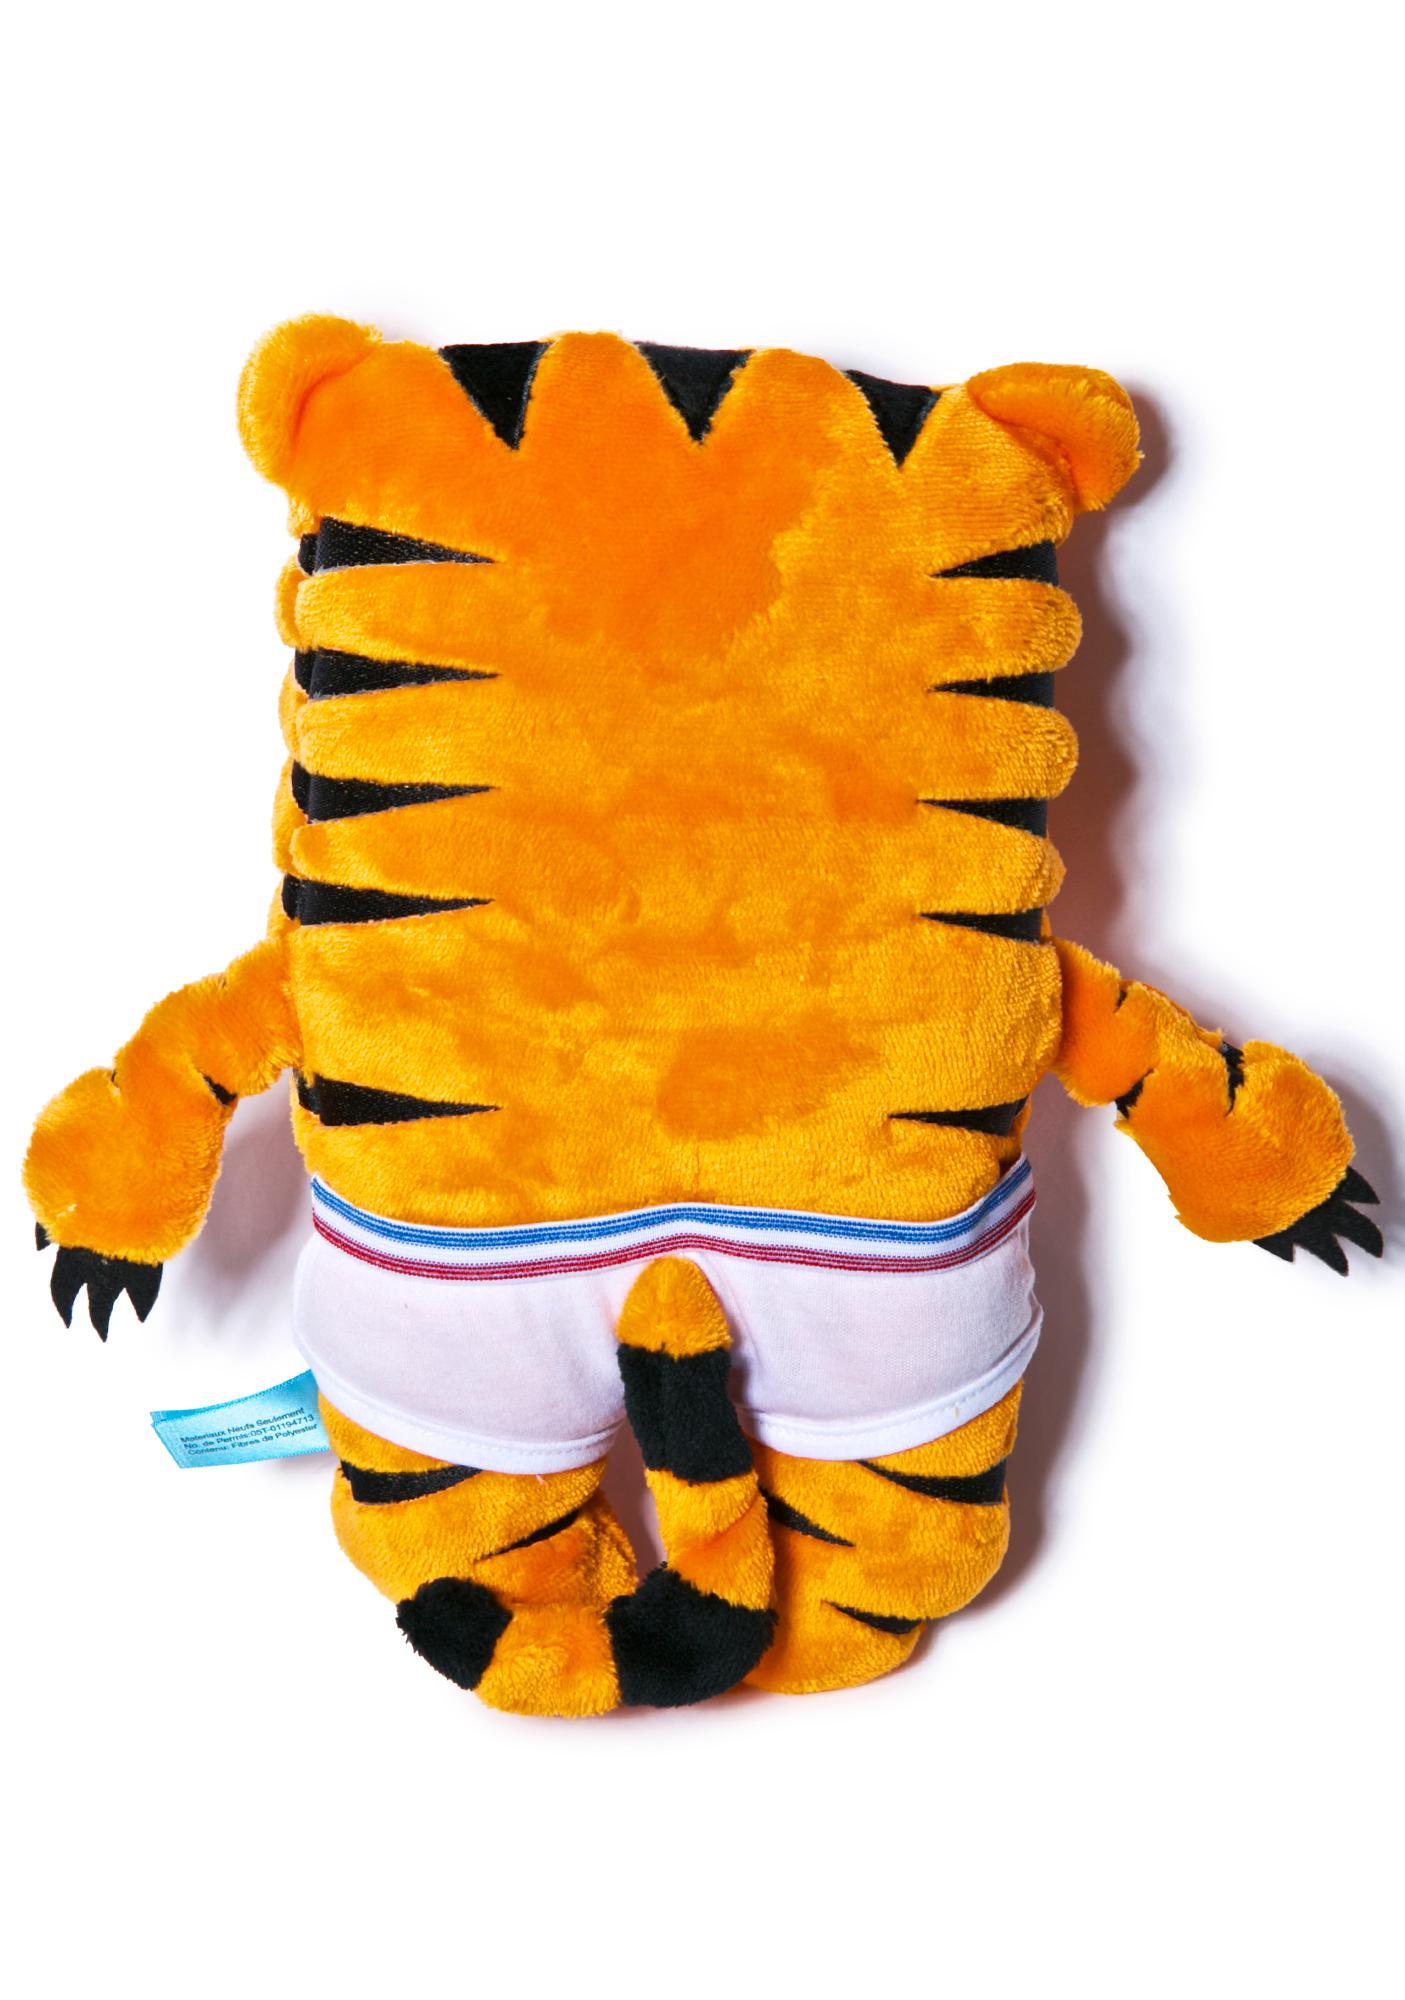 Timmy Tiger in Undies Plush